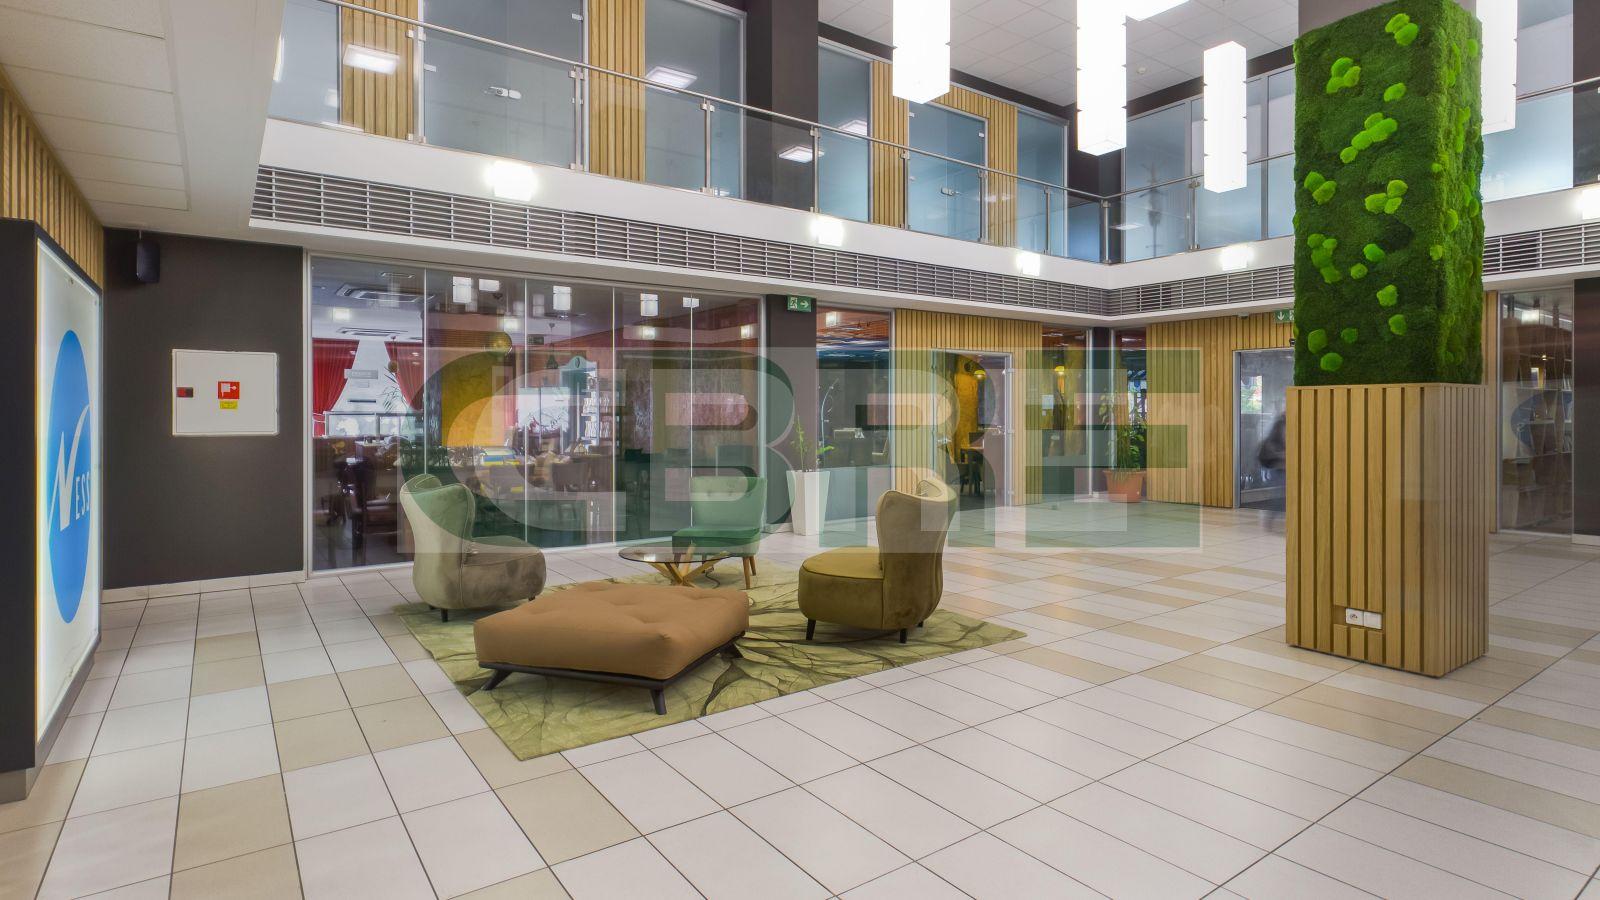 BCM BUSINESS CENTER MOLDAVSKÁ, Košice, Košice - Staré Mesto | Offices for rent by CBRE | 1